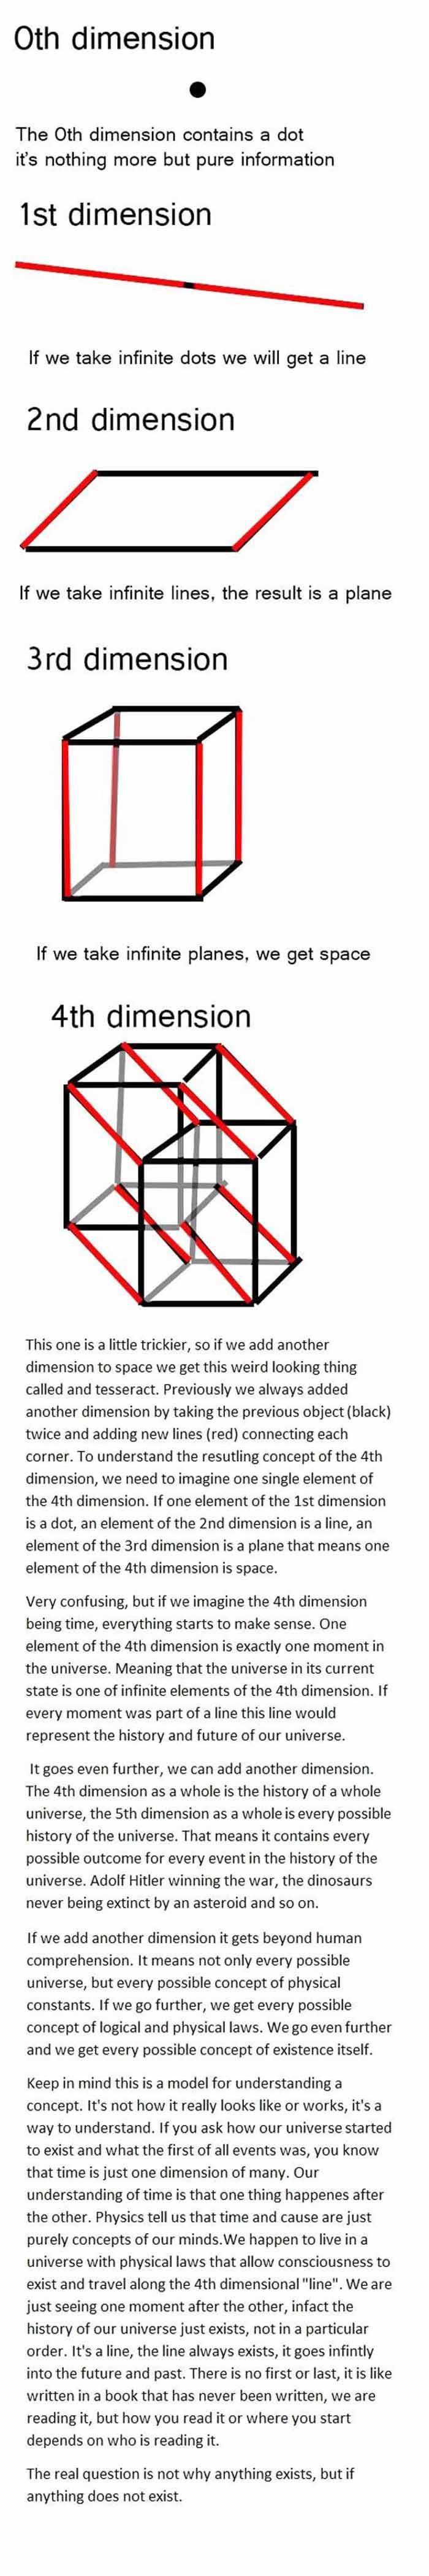 pdf this